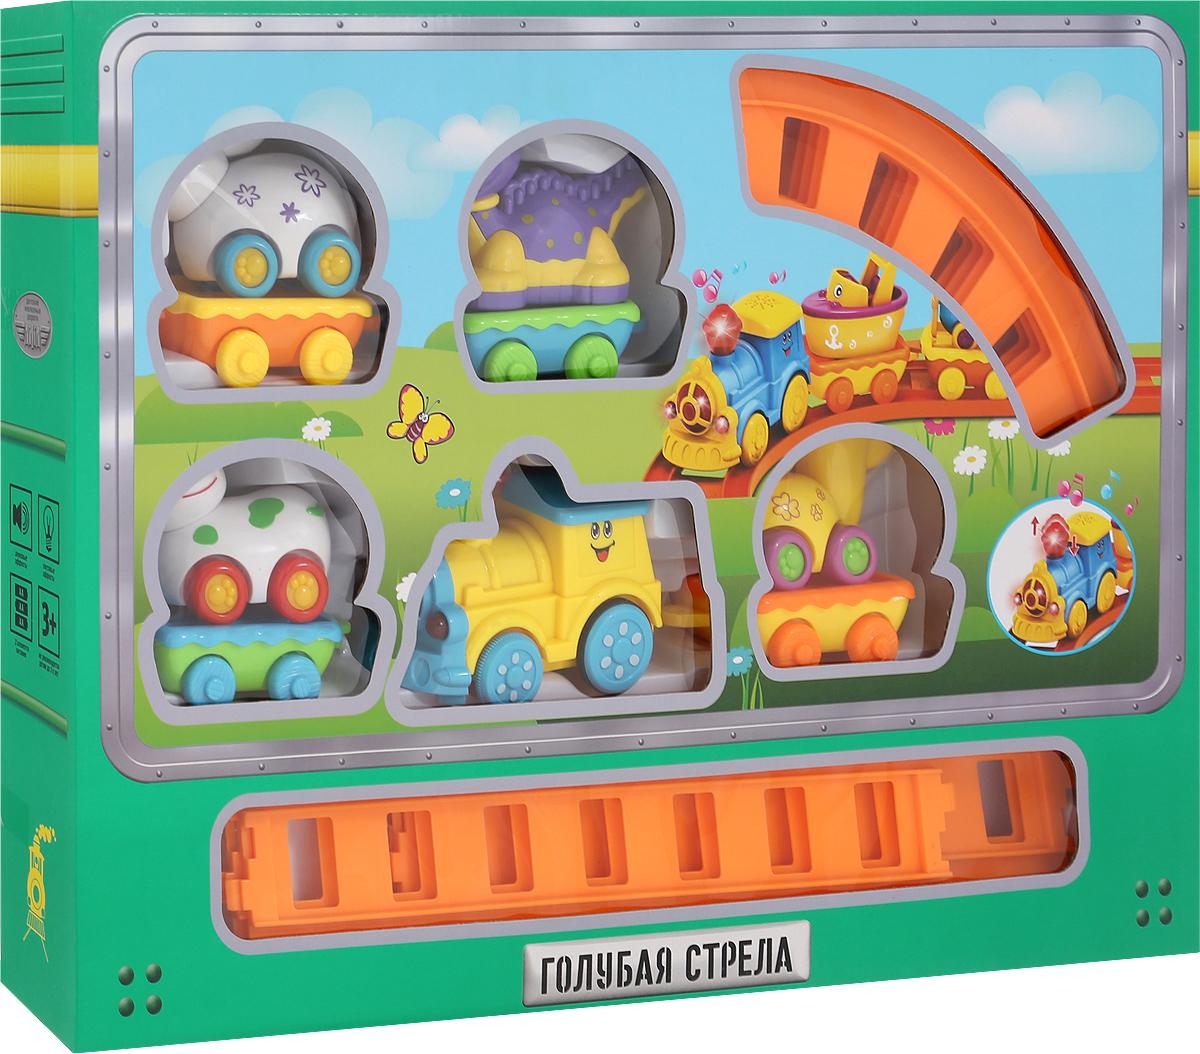 Голубая стрела Железная дорога Веселое путешествие цвет паровоза желтый машинки hti паровозик roadsterz синий с вагоном звуковыми и световыми эффектами